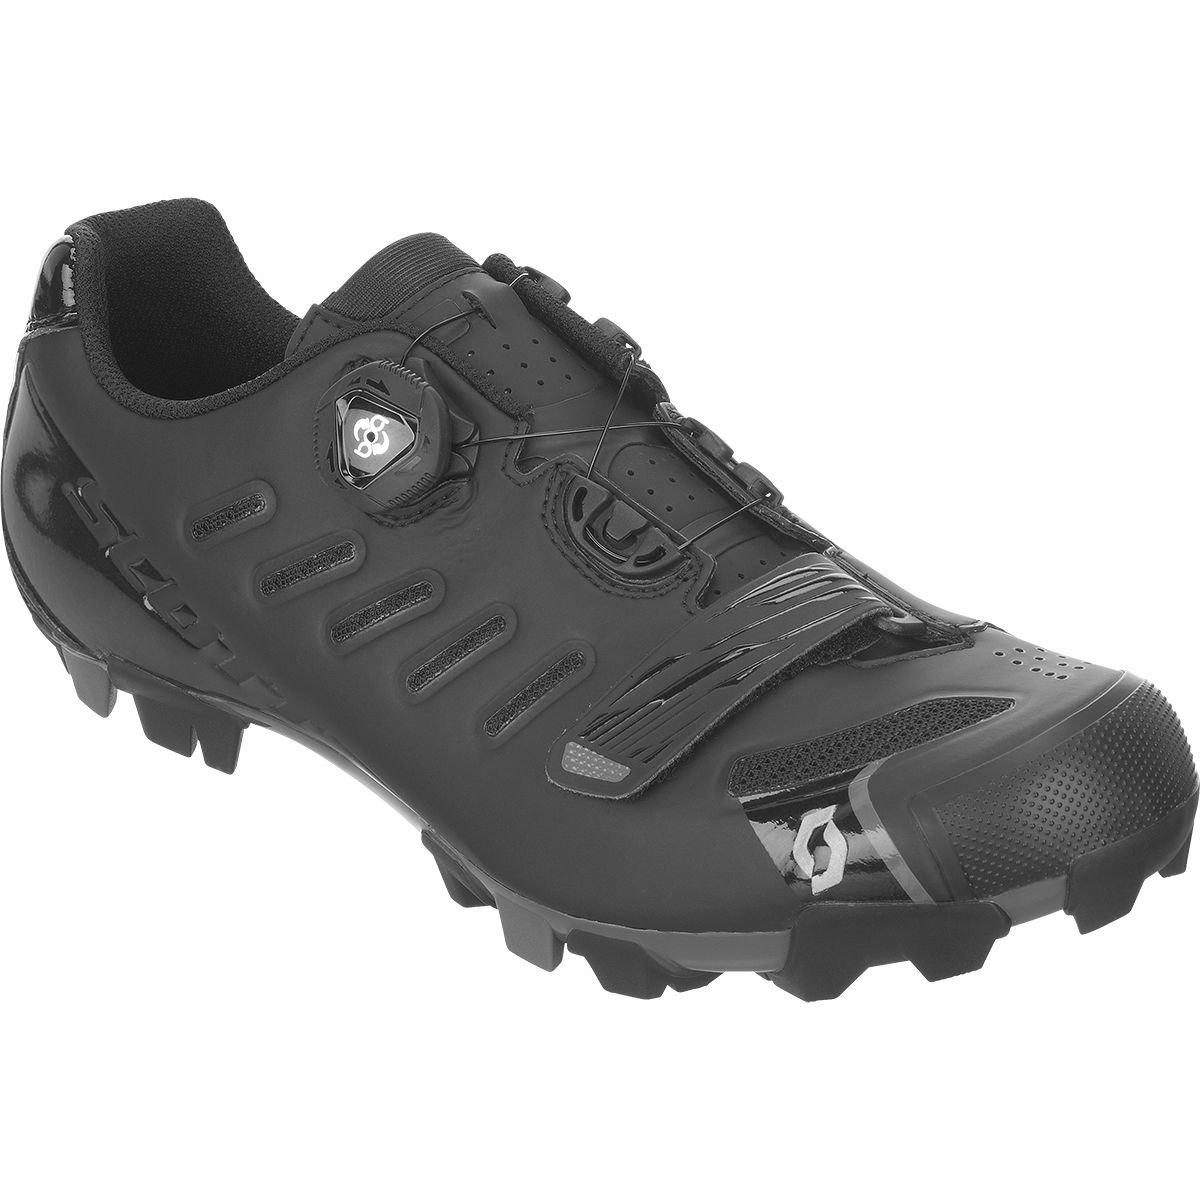 スコットMTB Team Boa Shoe – Men 'sマットブラック/グロスブラック、42.0   B07817QGX2